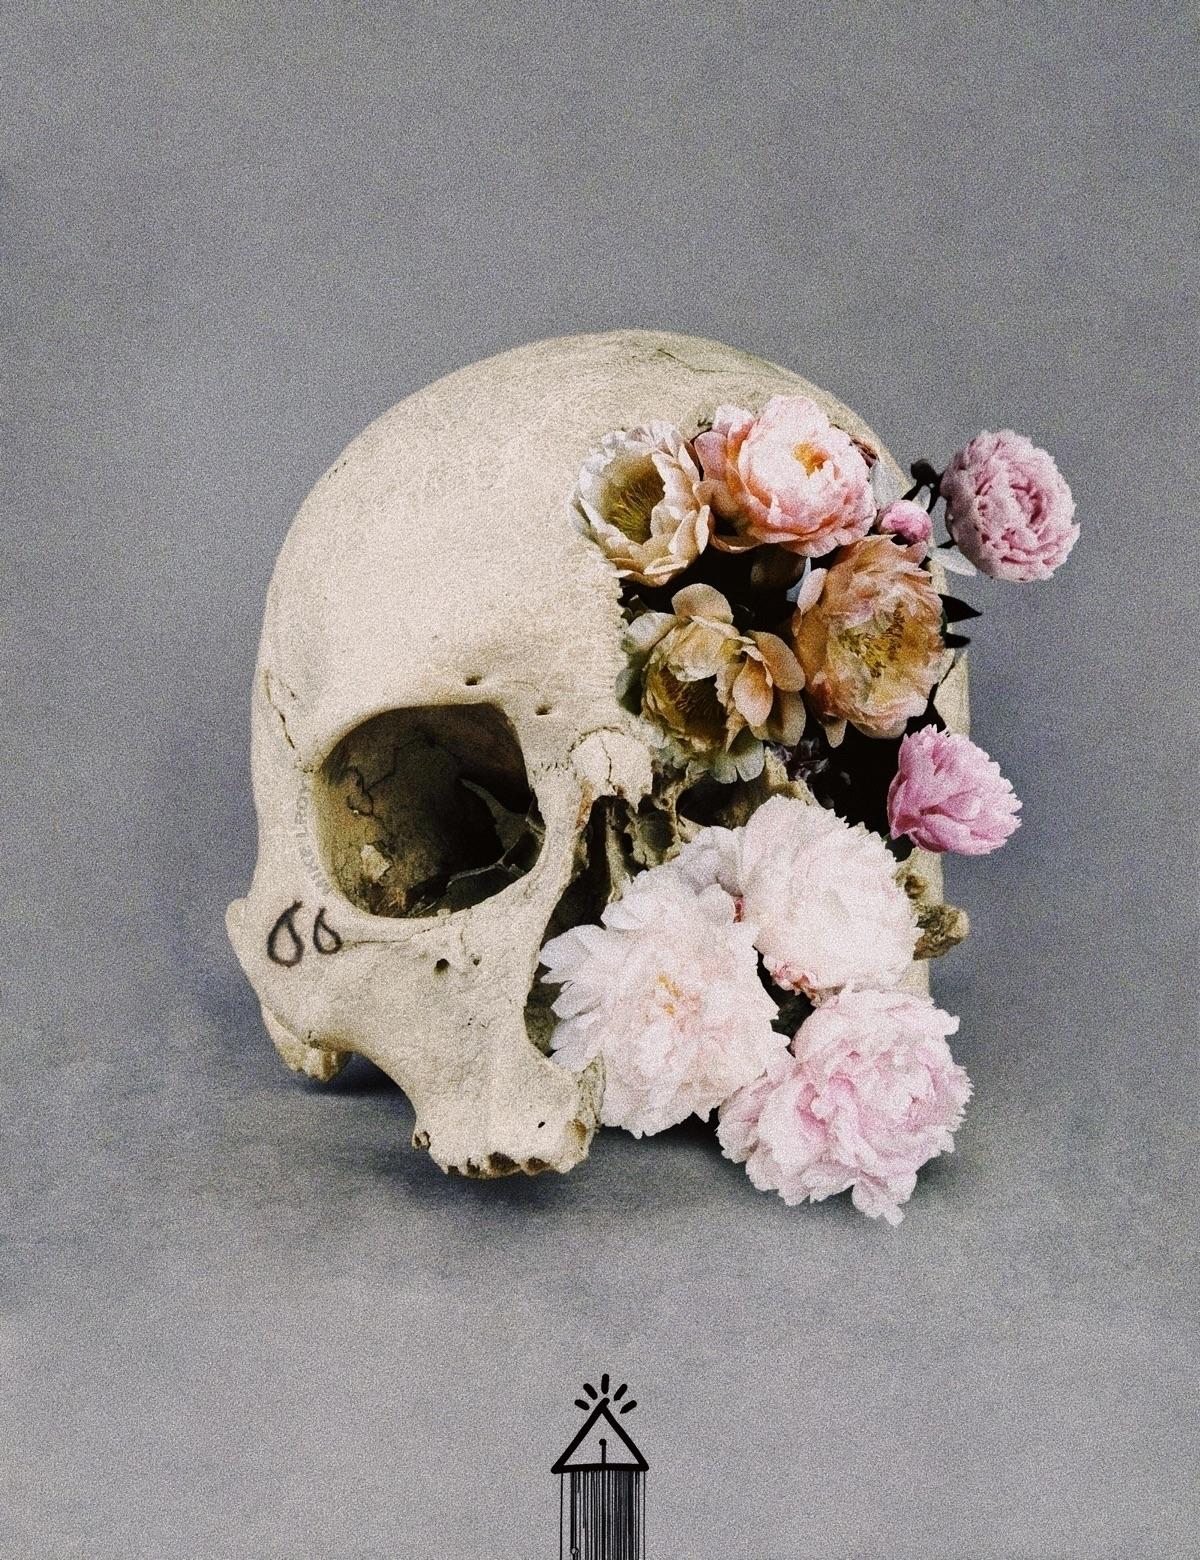 art, skull, flowers, peony, peonies - mike_lroy | ello